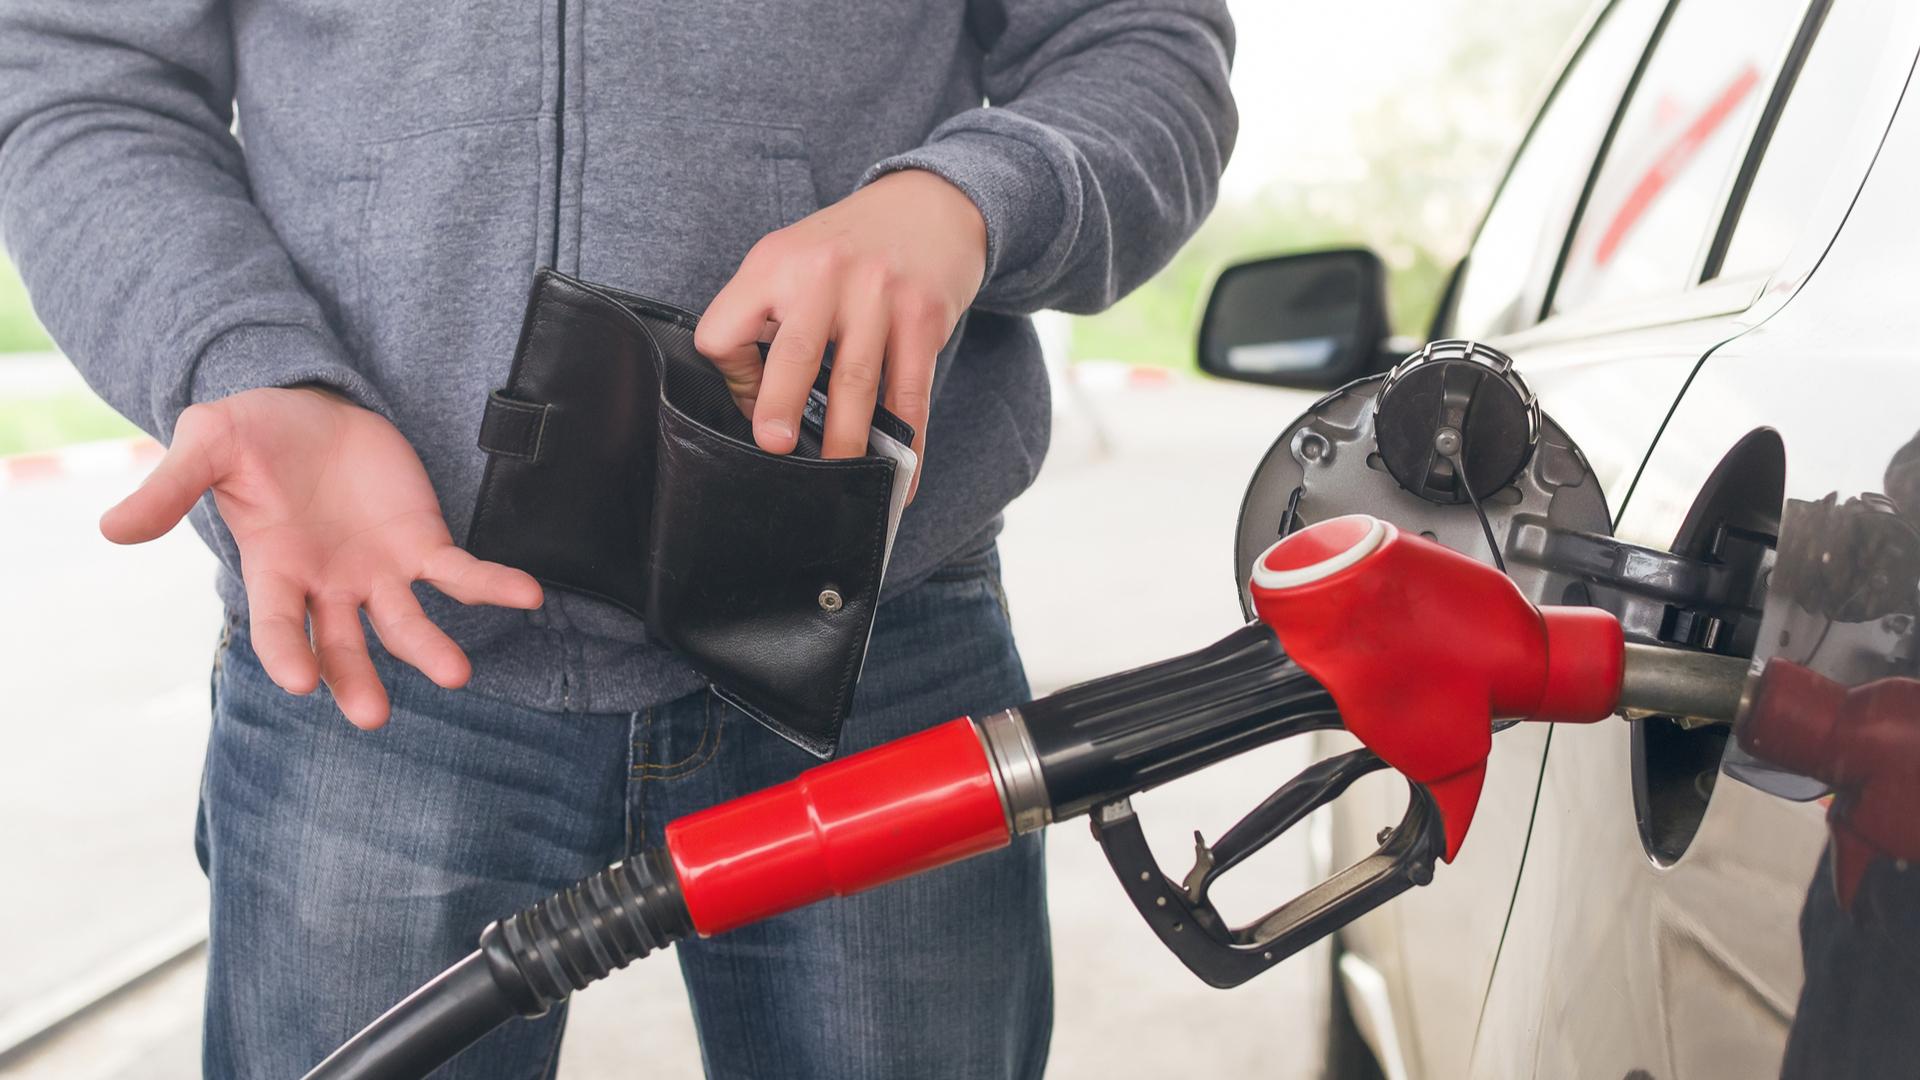 veiculo carro posto combustivel abastecendo dono carteira consumo shutterstock 1109546957